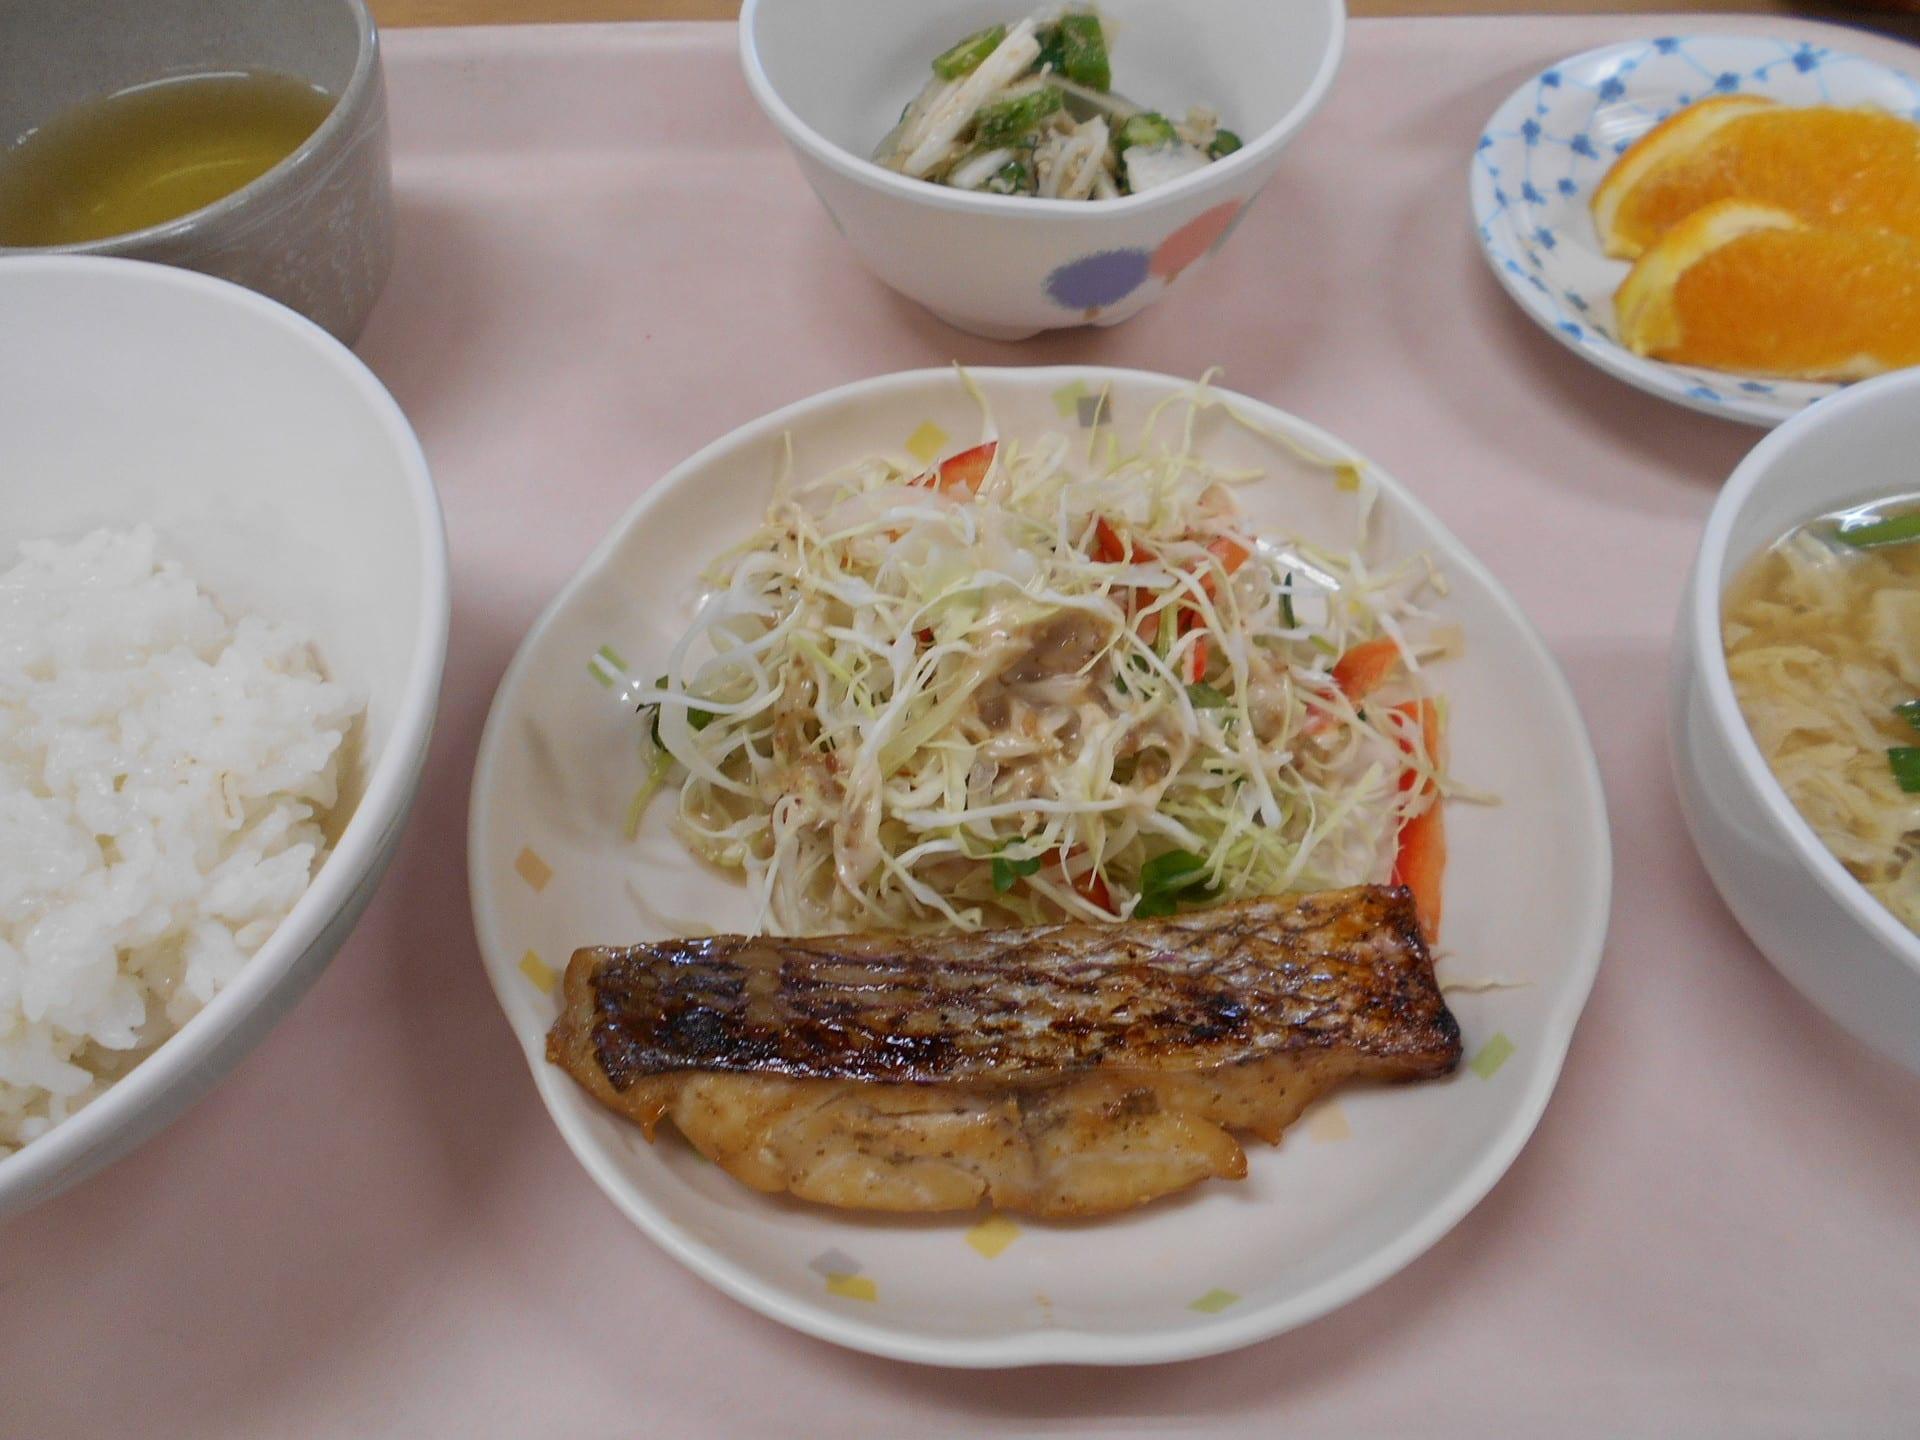 7/31 鯛の山椒焼 オクラと玉葱の酢物 中華スープ 果物